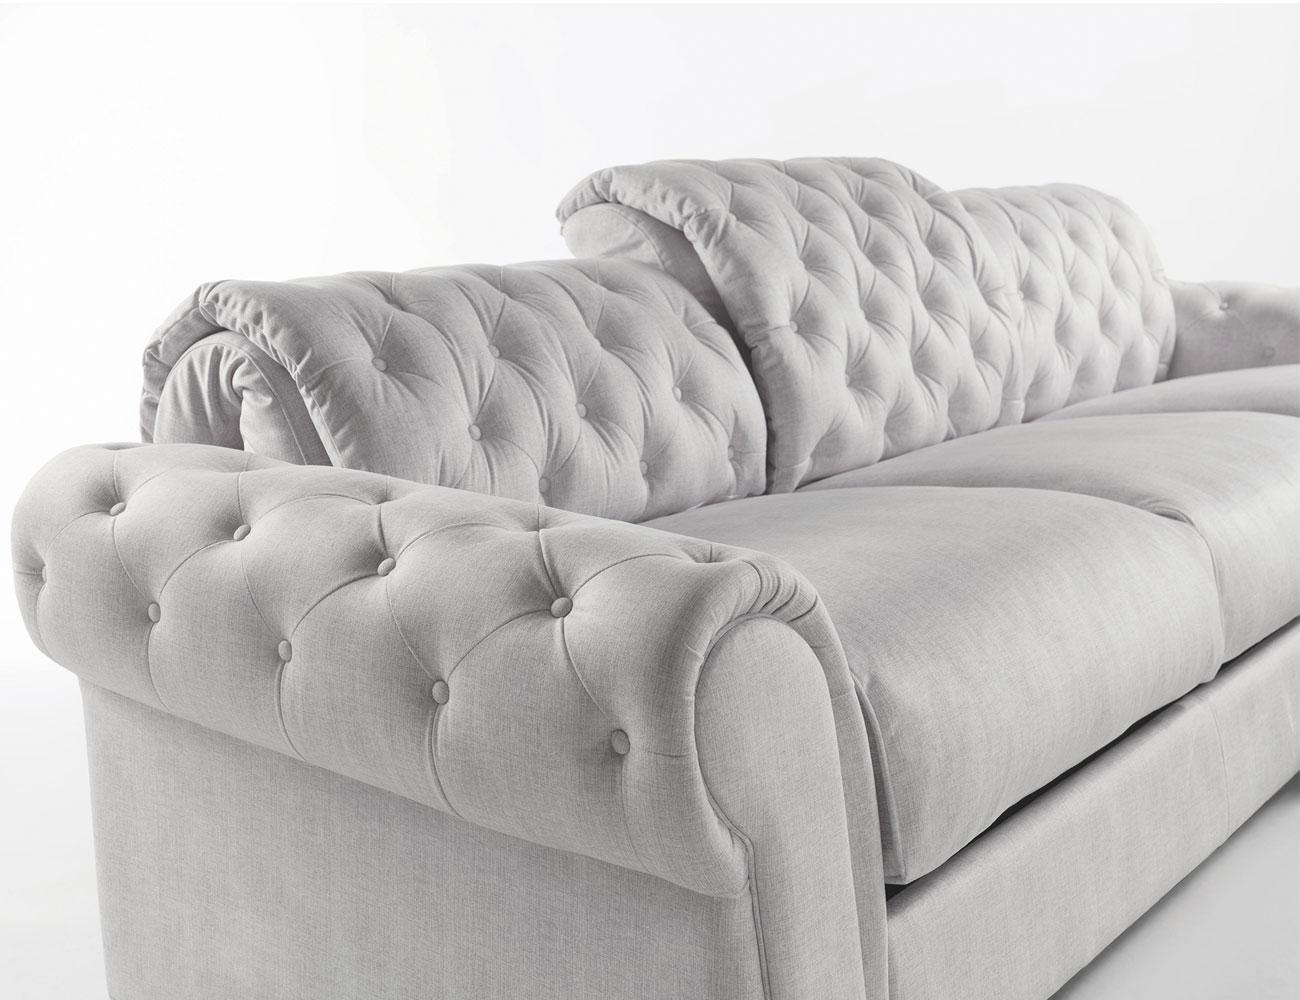 Sofa chaiselongue gran lujo decorativo capitone blanco tela 115